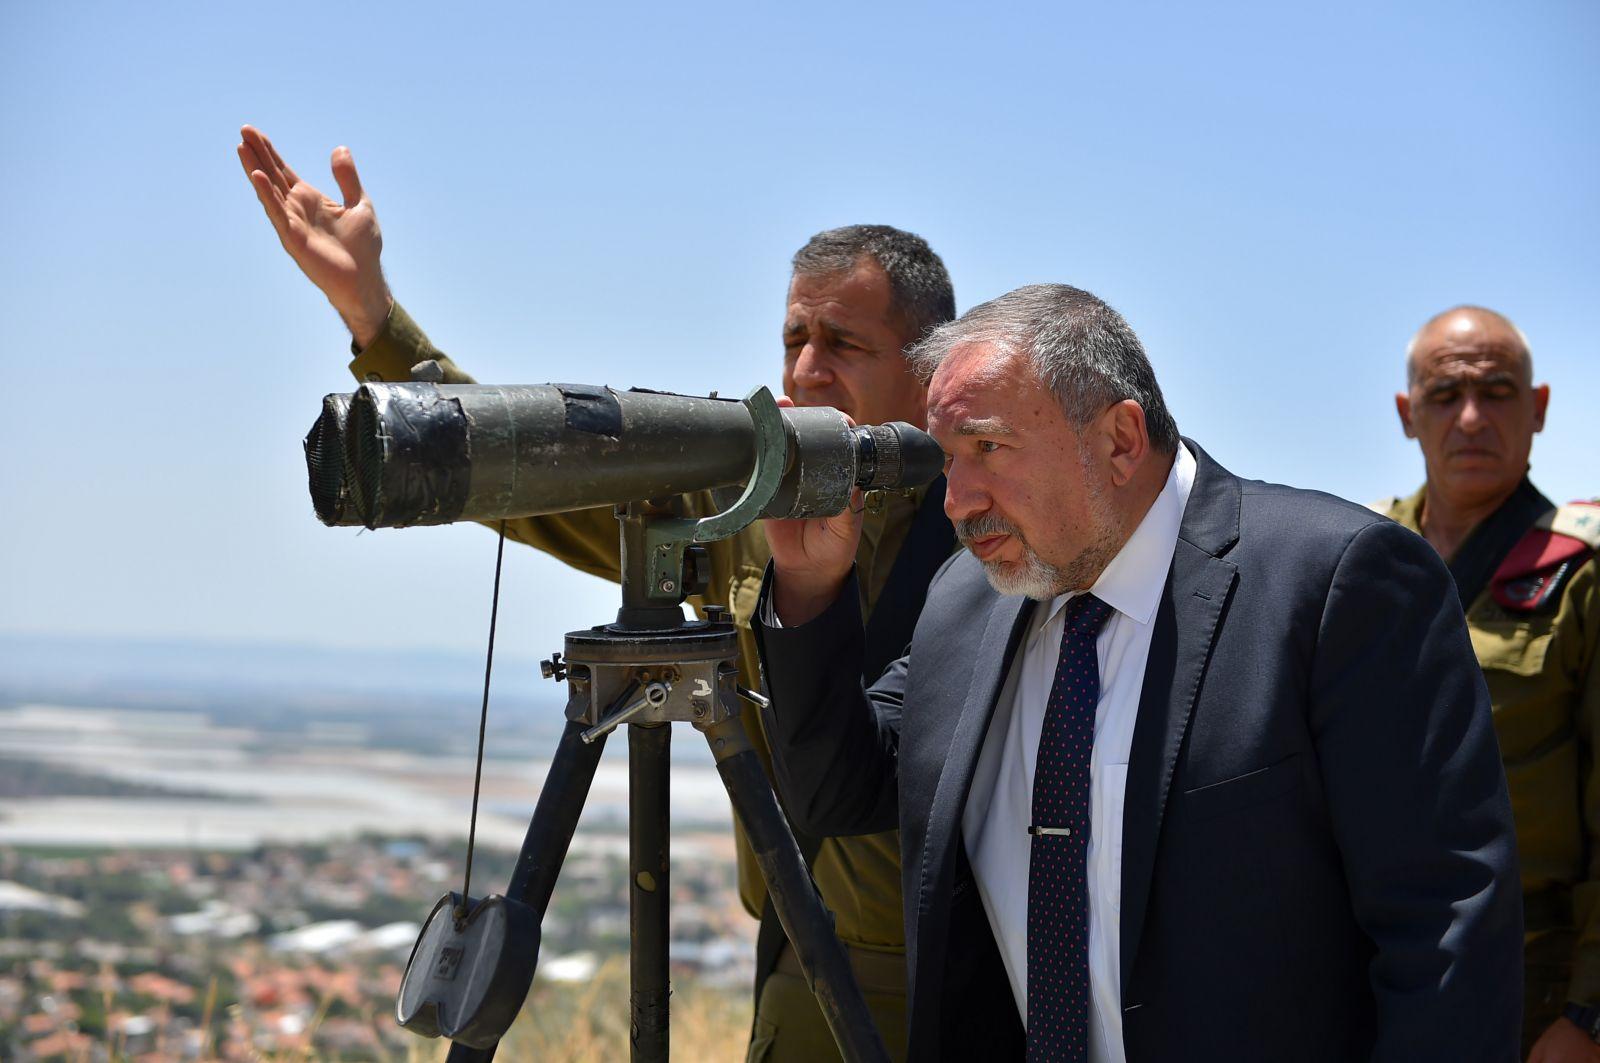 ليبرمان: الوضع ما زال متوترا في غلاف غزة ونستعد لرد الجهاد..والمصالحة الفلسطينية تسير باتجاه خاطئ